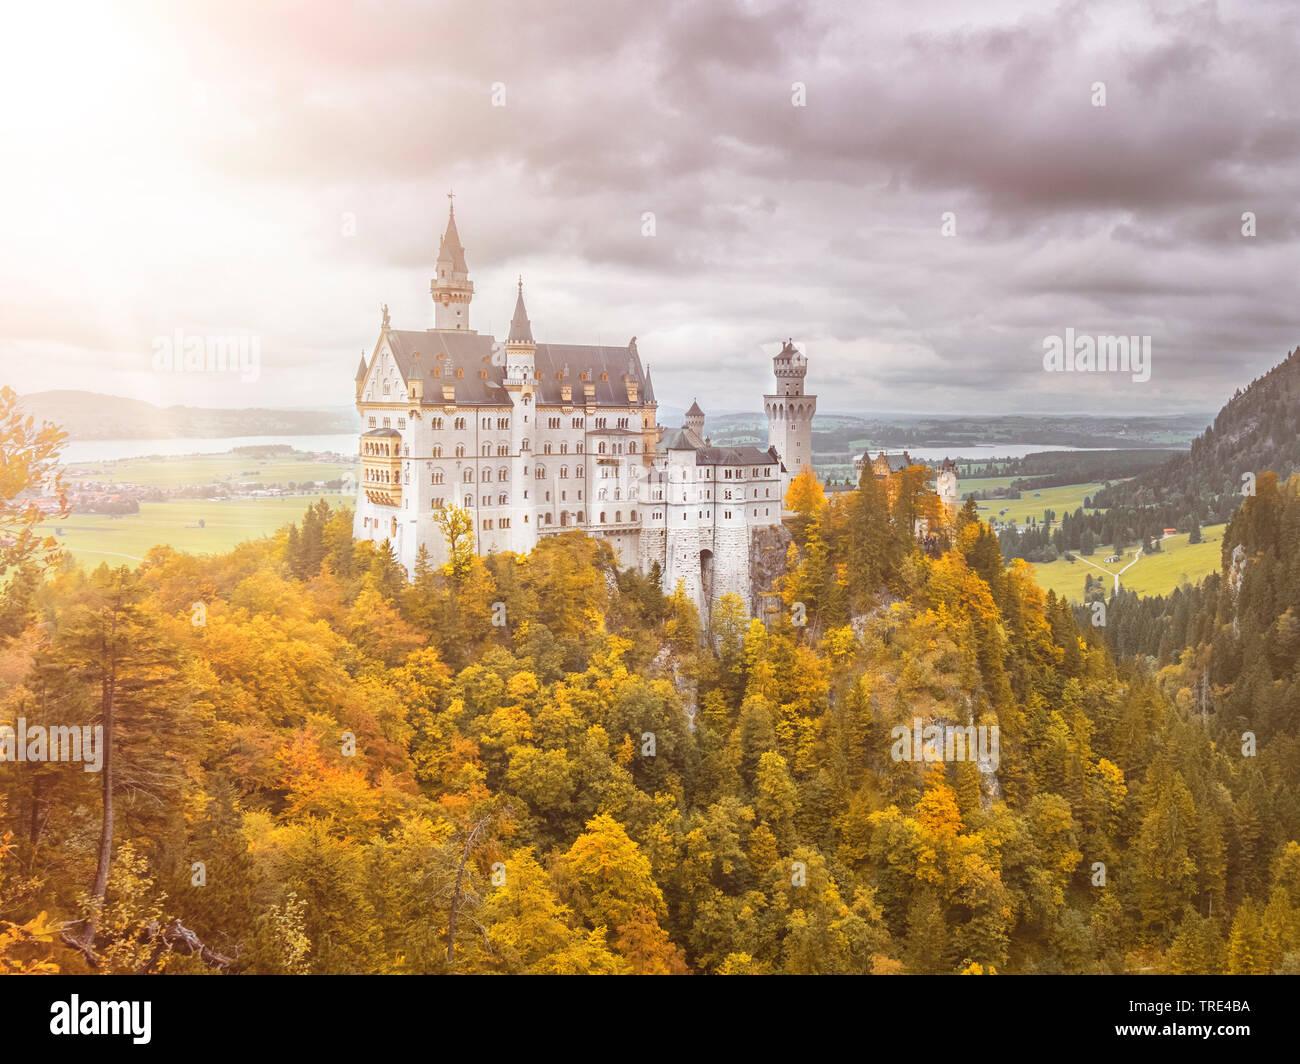 Herbstansicht des Schlosses Neuschwanstein, Deutschland, Bayern | View of caste Neuschwanstein in Bavaria, Germany in autumn, Germany, Bavaria | BLWS5 - Stock Image